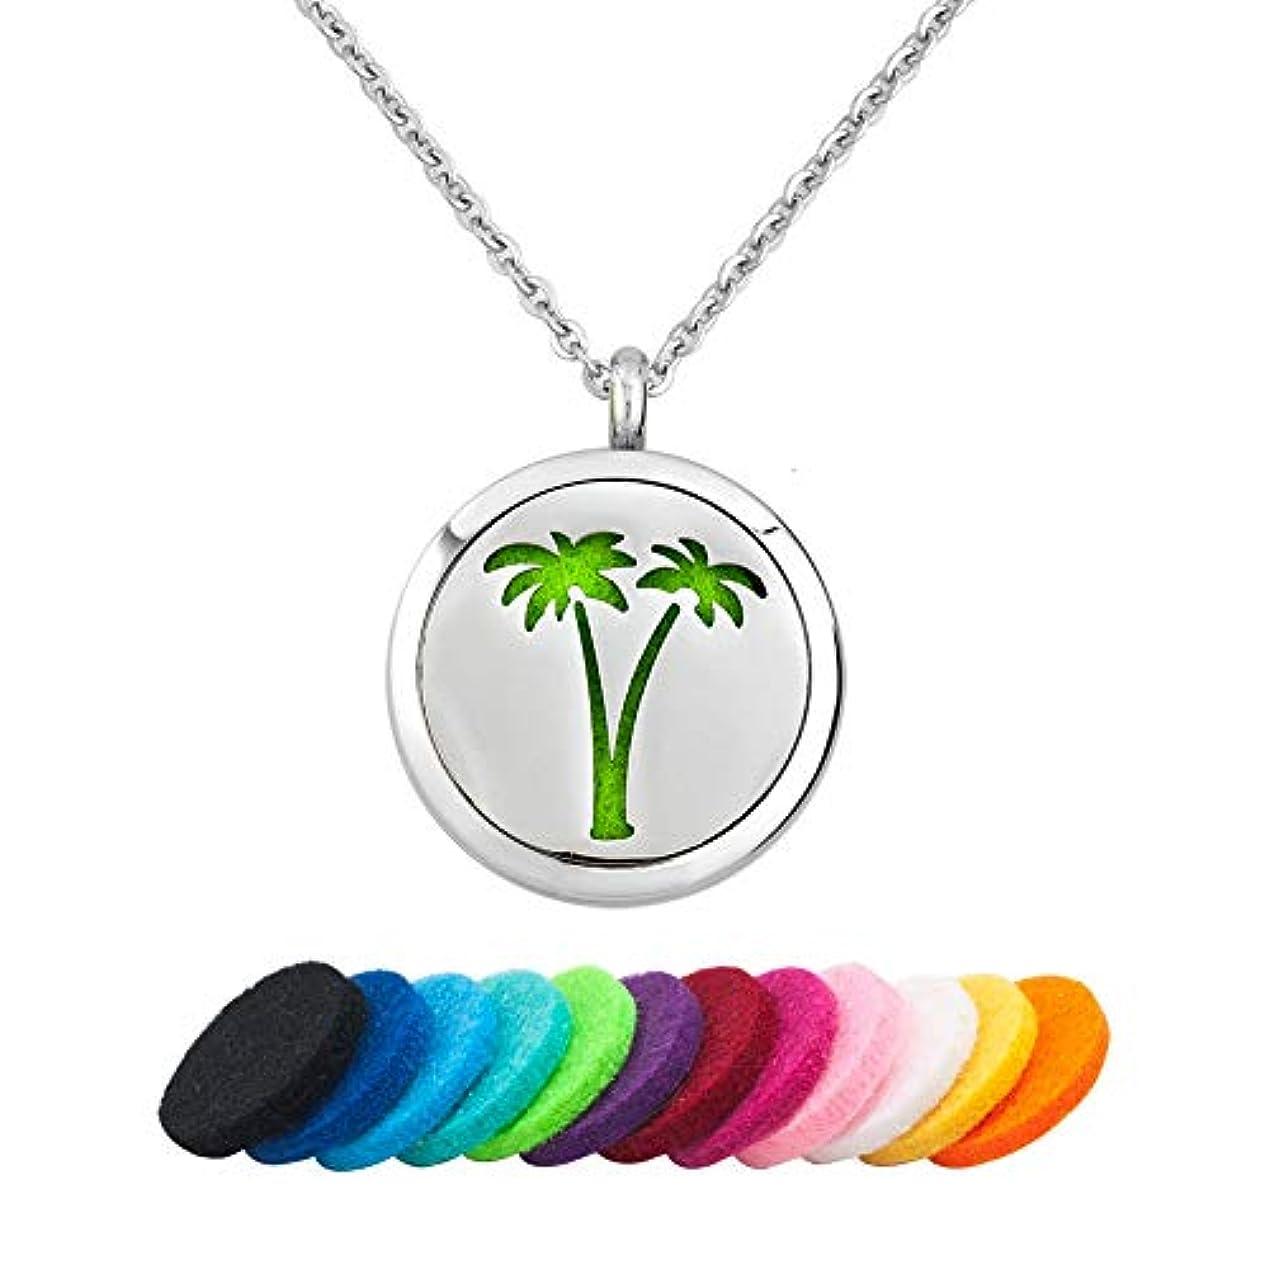 アピールオン委員会CLY Jewelry Love Nature Winds ファイヤーメープルクローバー ヤシの木 マッシュルーム アロマセラピー エッセンシャルオイルディフューザー ネックレスペンダント 12パッド